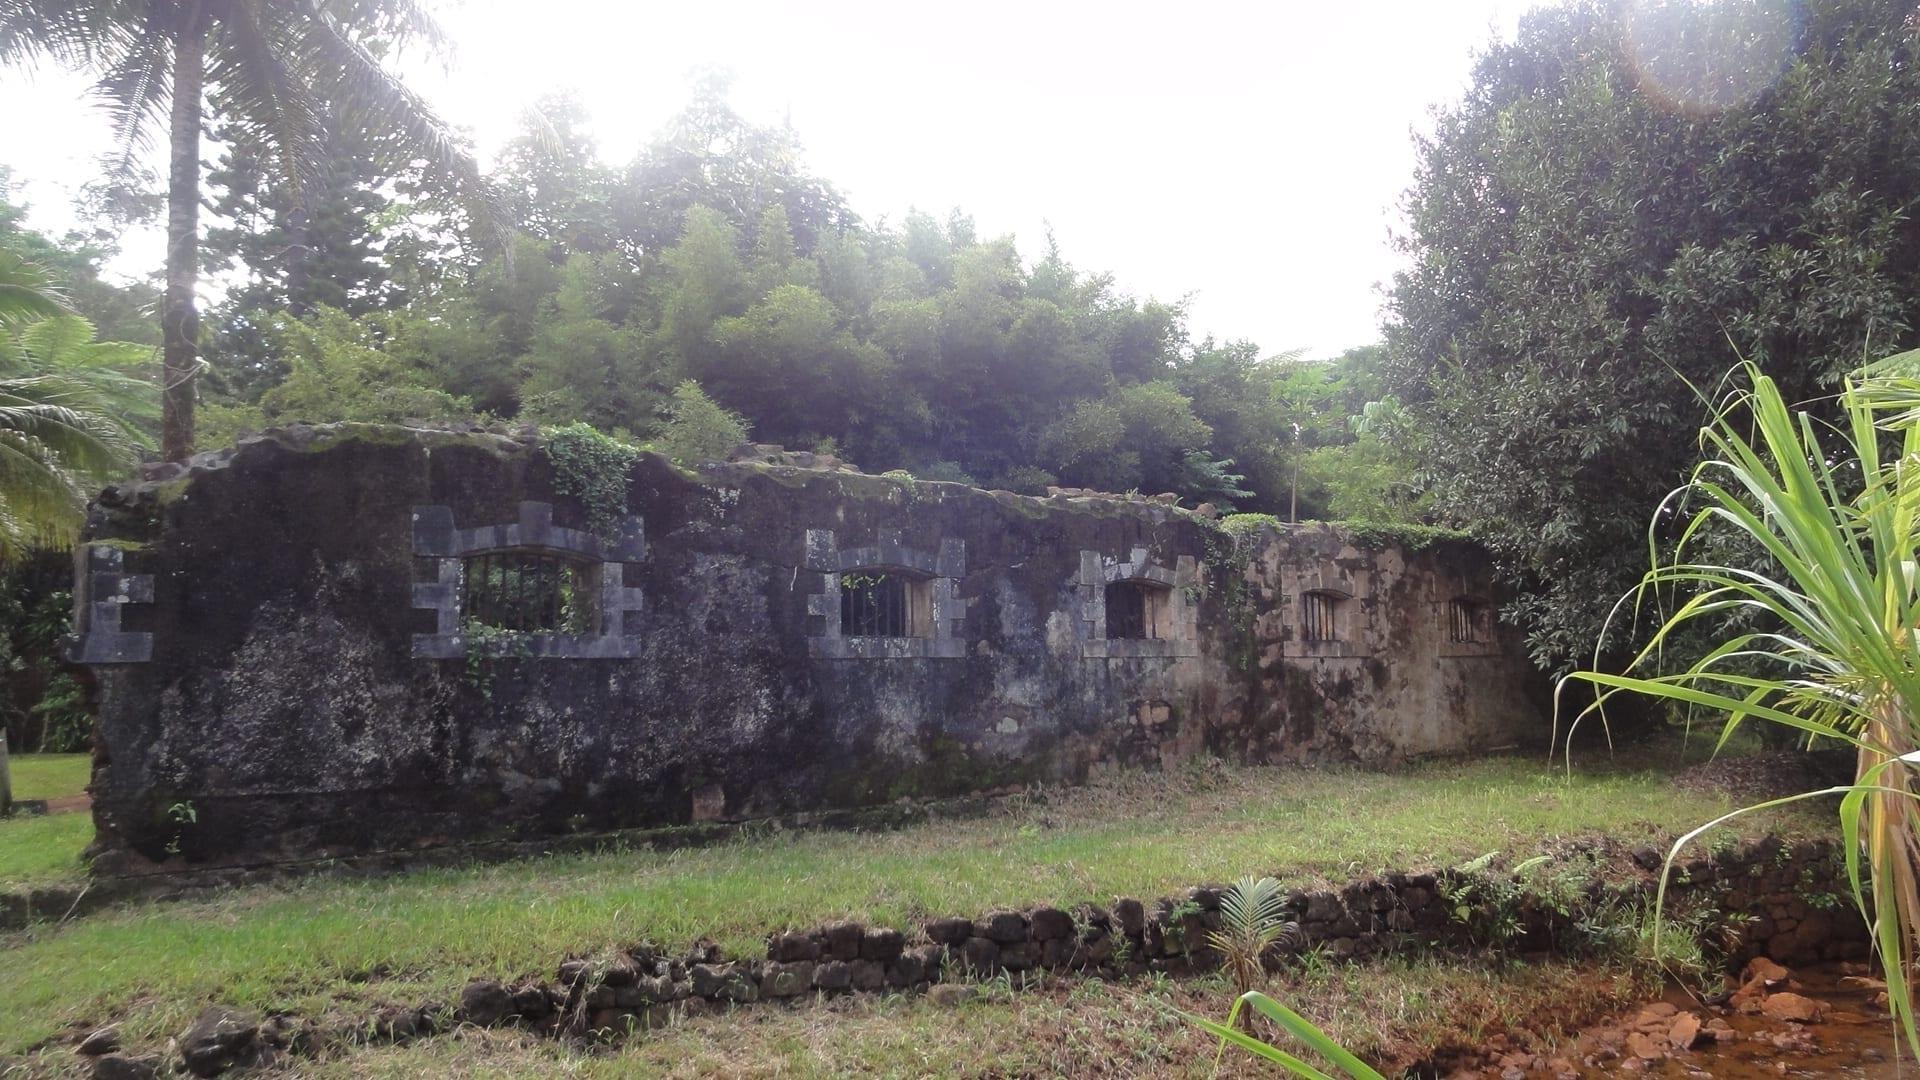 Las ruinas de la prisión en el antiguo pueblo de Prony Nueva Caledonia